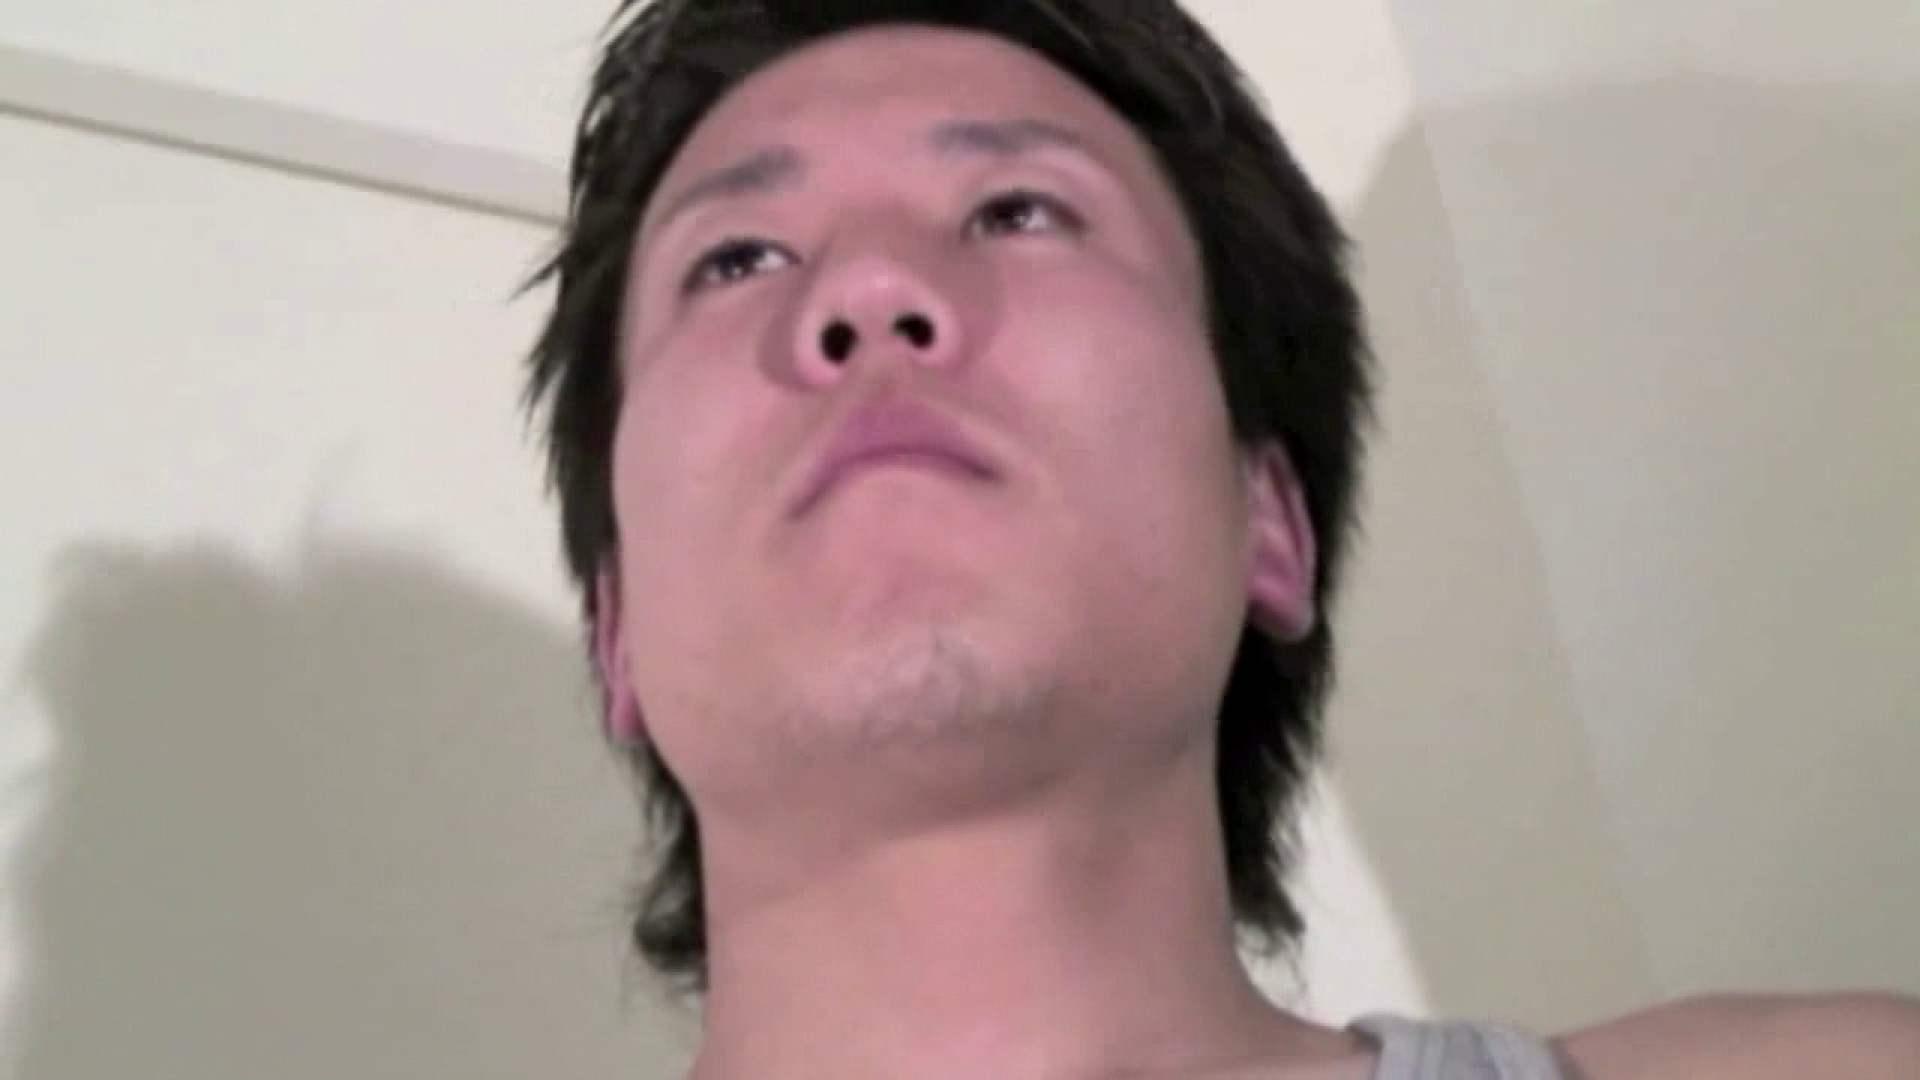 イケイケMENS CLUB【File.07】 オナニー アダルトビデオ画像キャプチャ 112枚 65